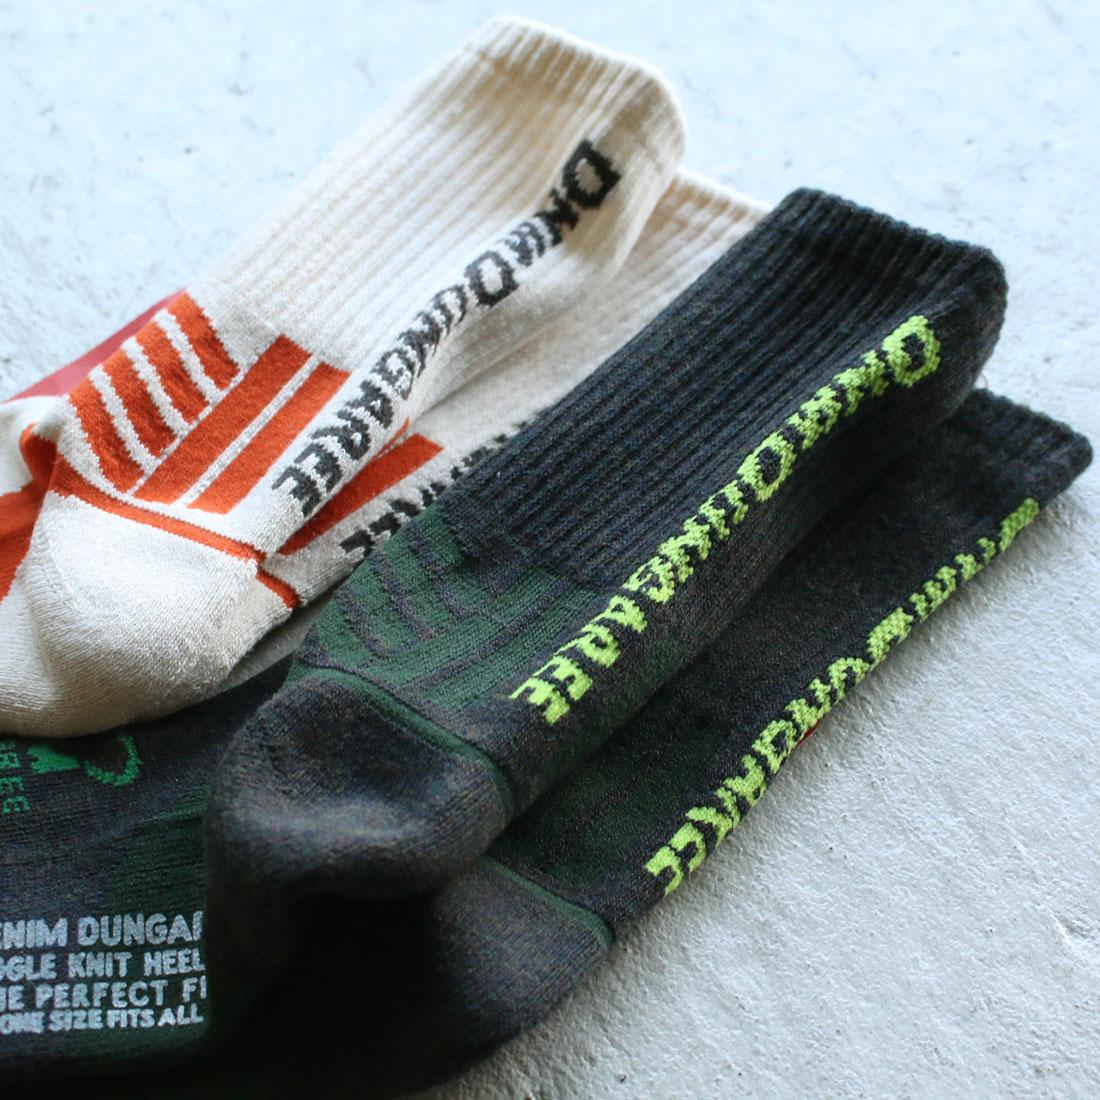 デニム&ダンガリー DENIM DUNGAREE D&DトレッキングSOX(M L LL)ソックス 靴下 1足 【3足までメール便可】